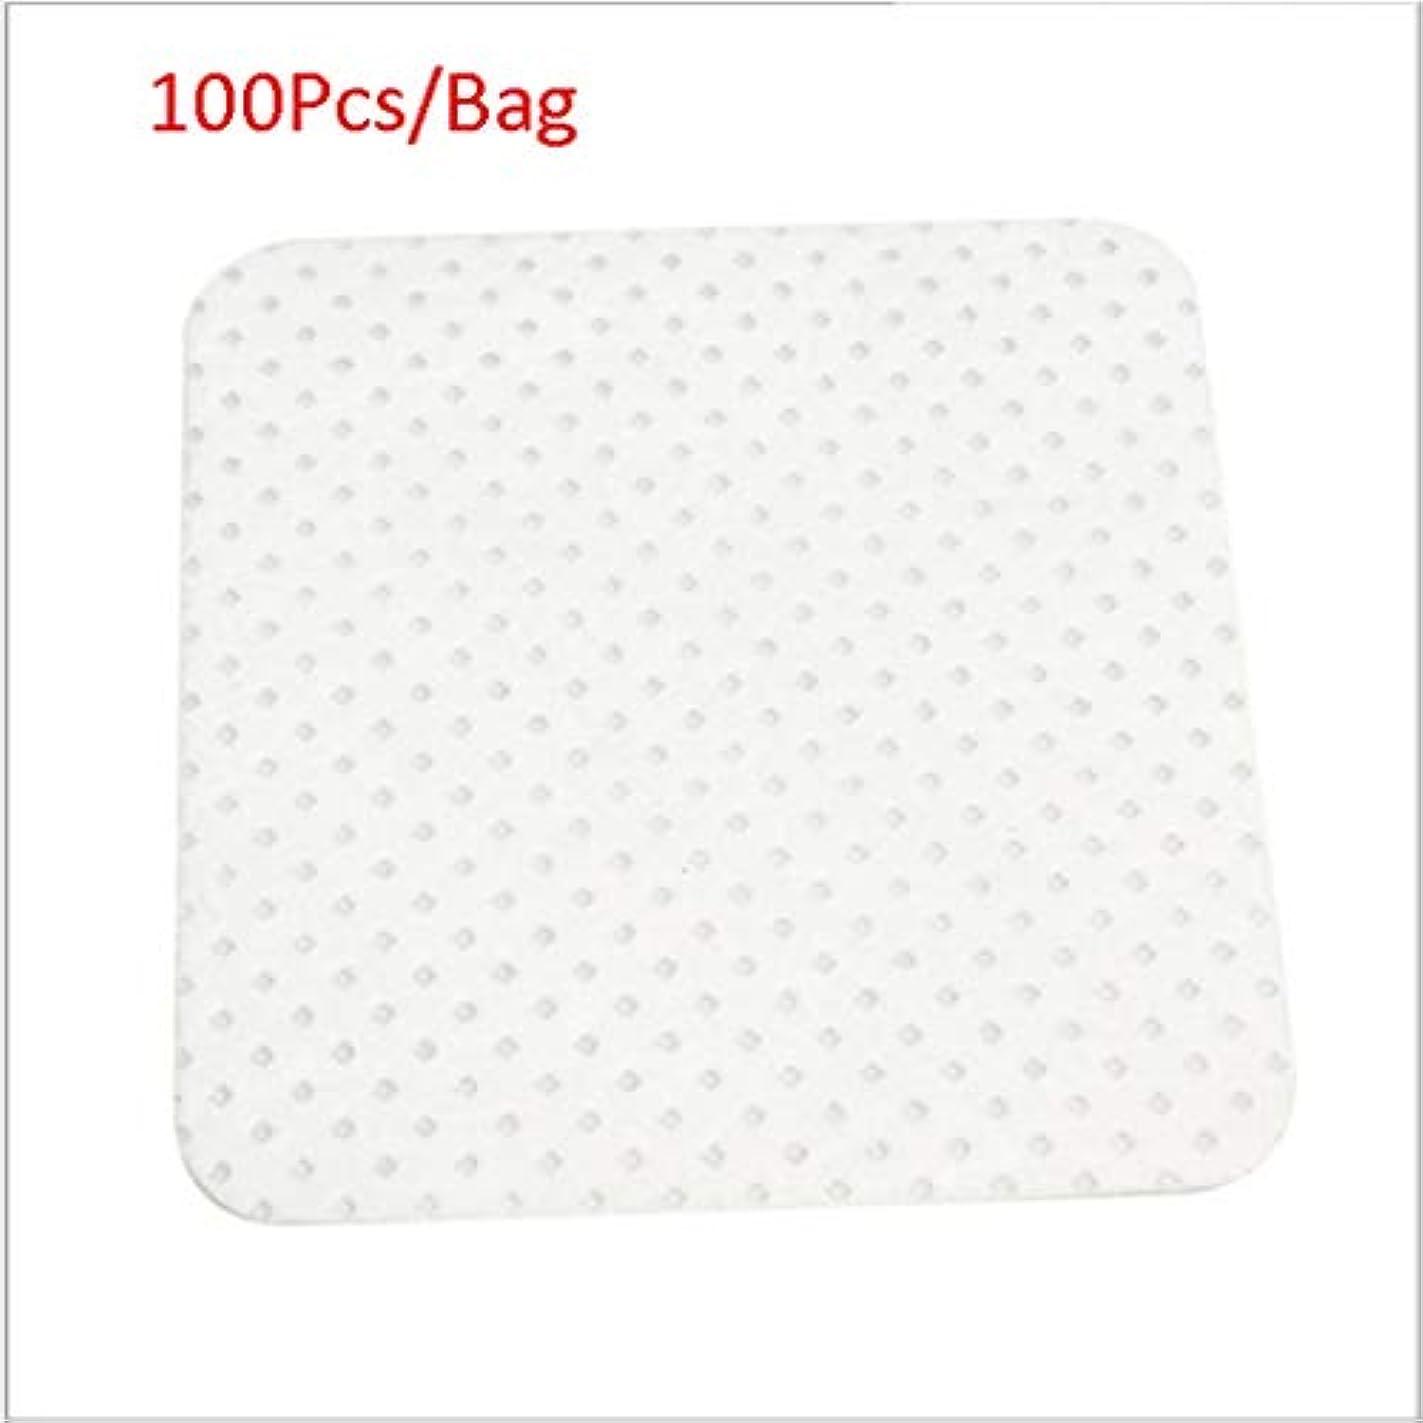 ベッドを作る文明化する識別するクレンジングシート 100ピース/バッグ使い捨てまつげエクステンションのり取りコットンパッドボトル口拭きパッチメイク化粧品クリーニングツール (Color : White, サイズ : 5*5cm)